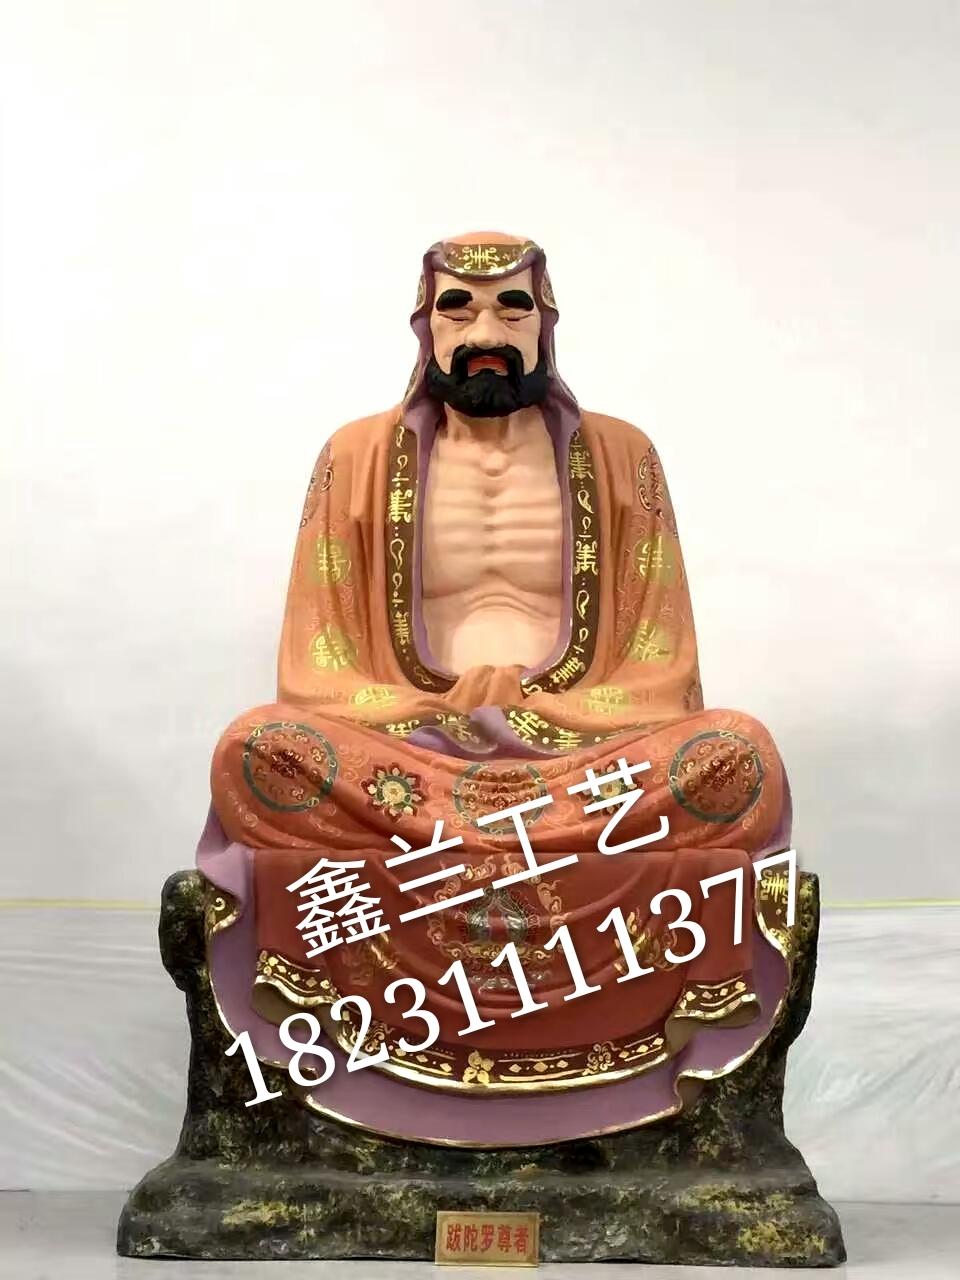 十八罗汉铜雕生产厂家 铜雕十八罗汉彩绘佛像河北十八罗汉铜佛像厂